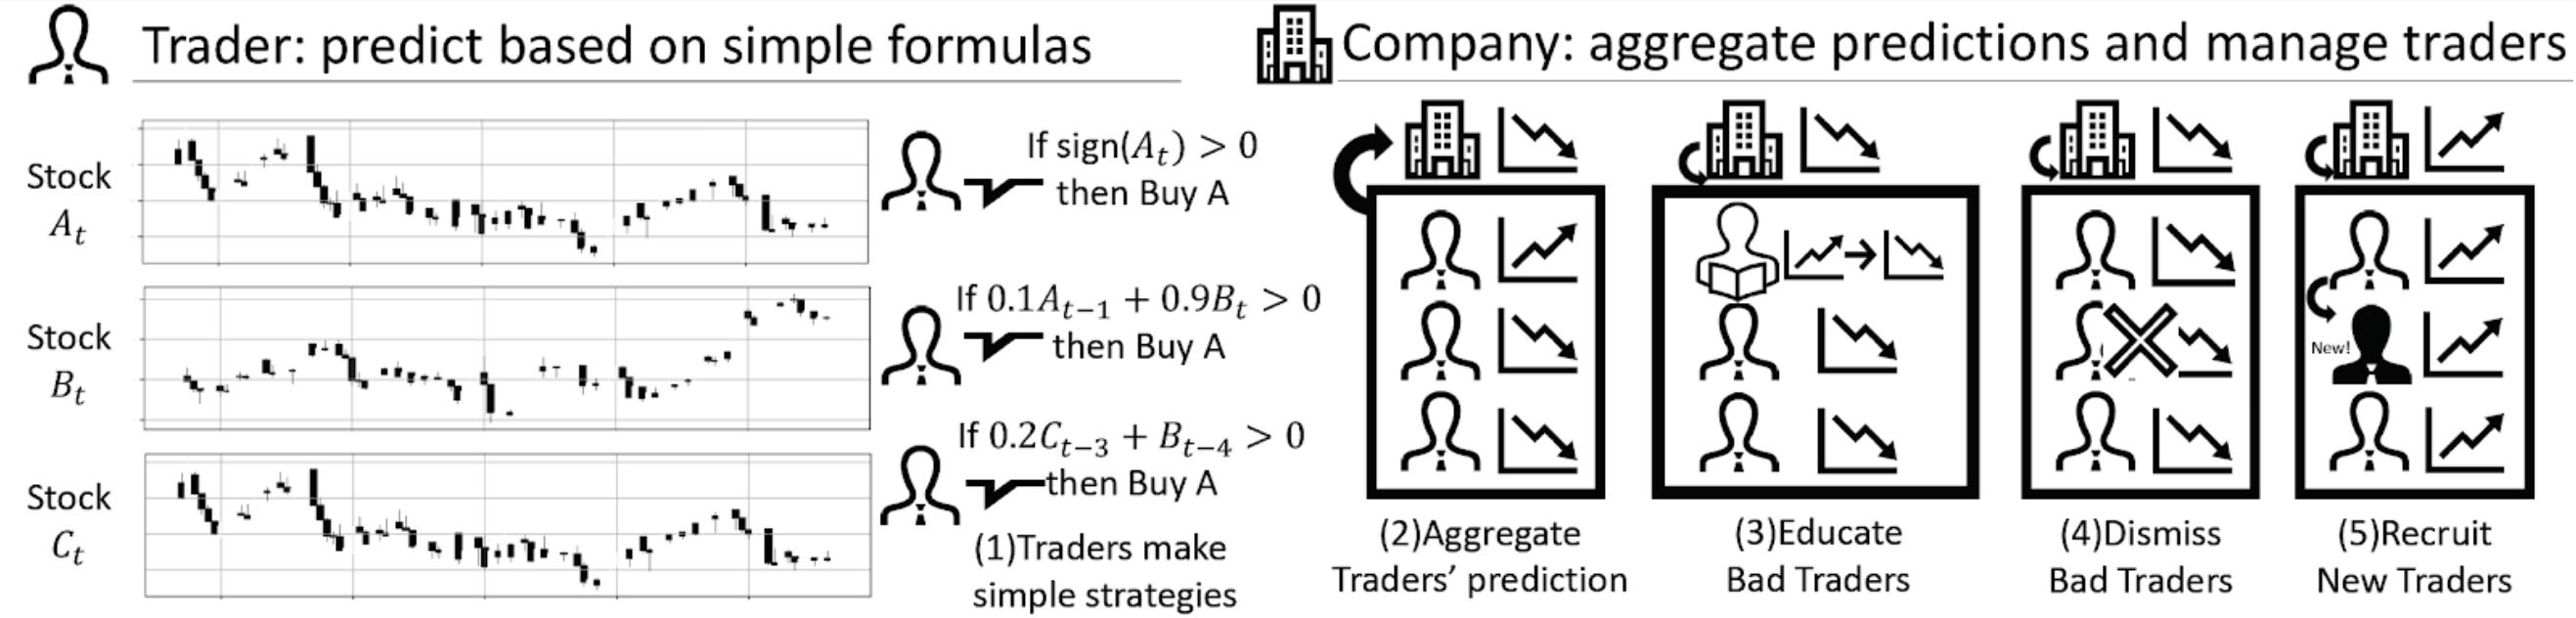 図3. Trader-Company法の概念図。Traderはシンプルな式で未来の利回りを予測し、CompanyはTraderを管理し総合する。